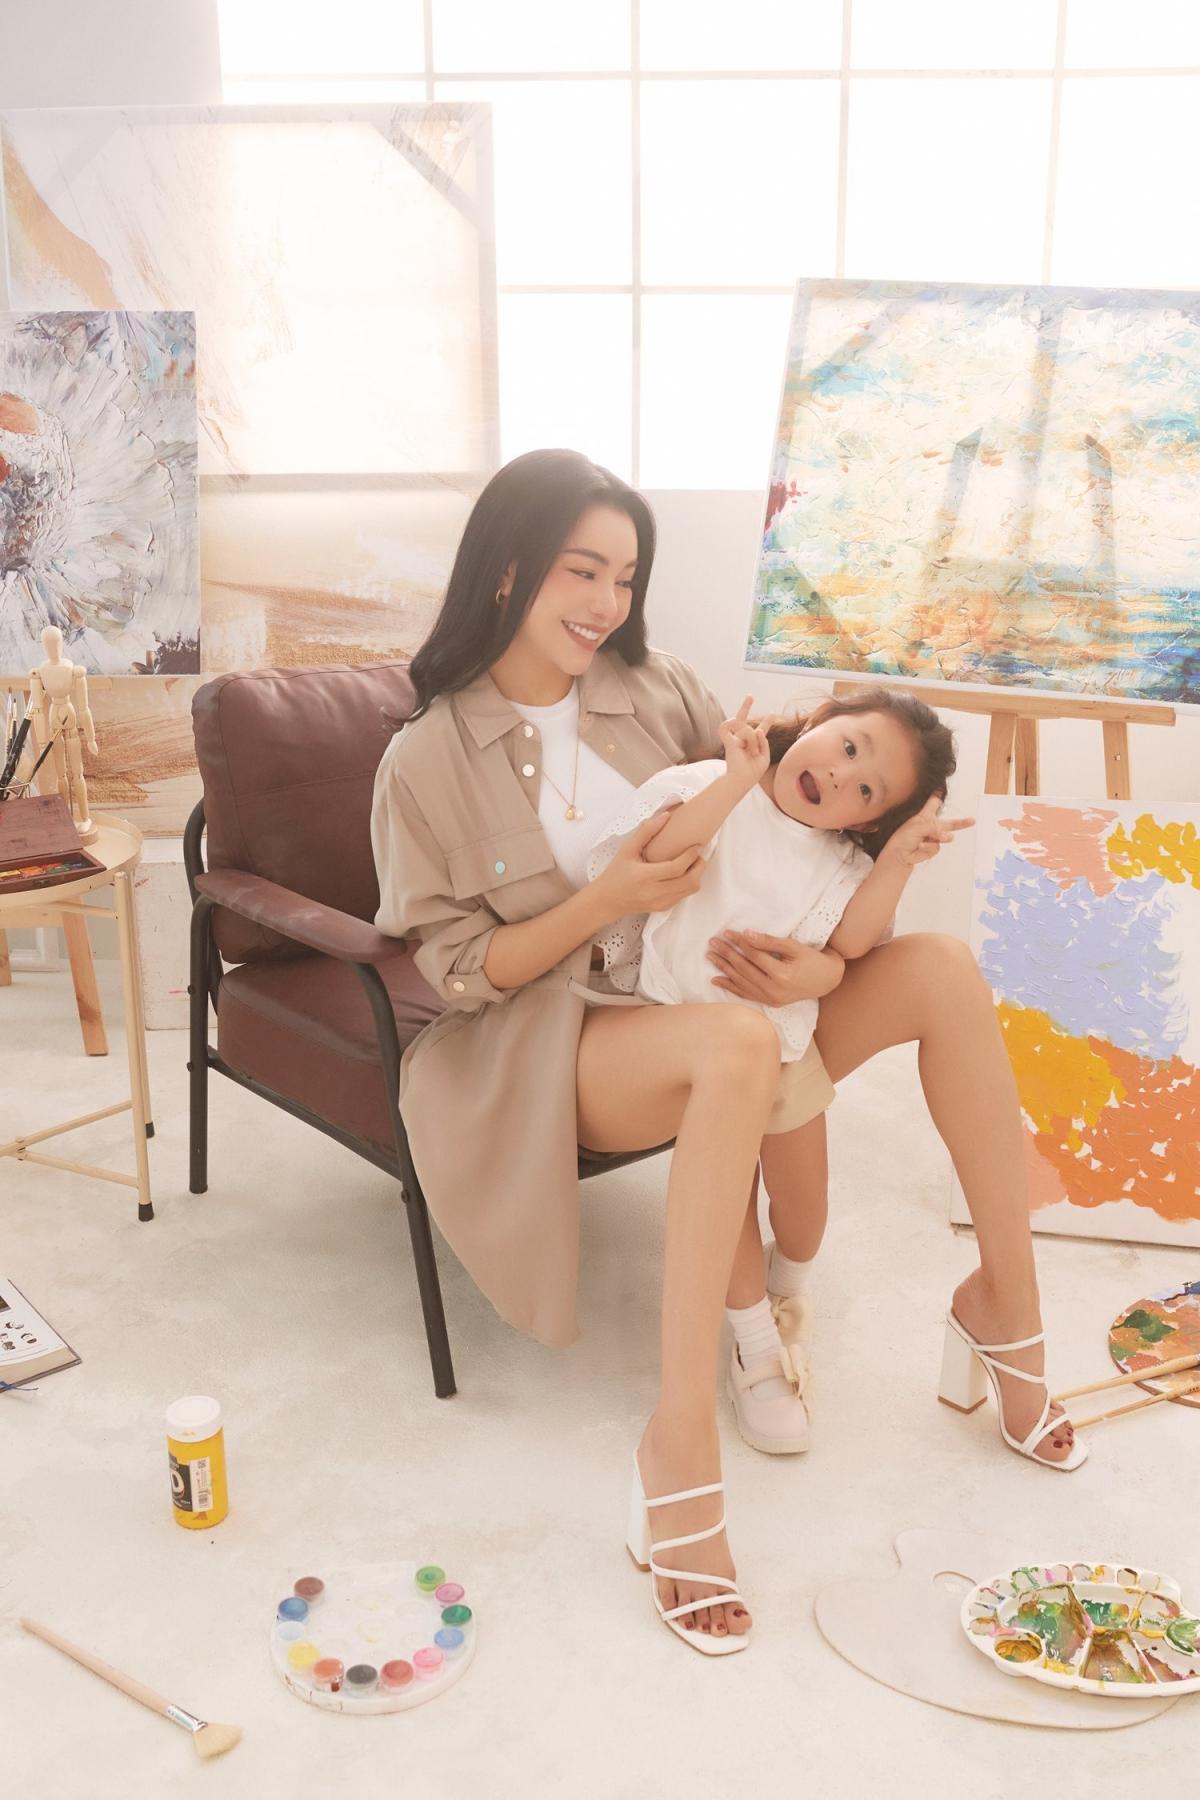 Trà Ngọc Hằng: 'Người lớn hãy vẽ những mảng màu đẹp đẽ cho con' Ảnh 4